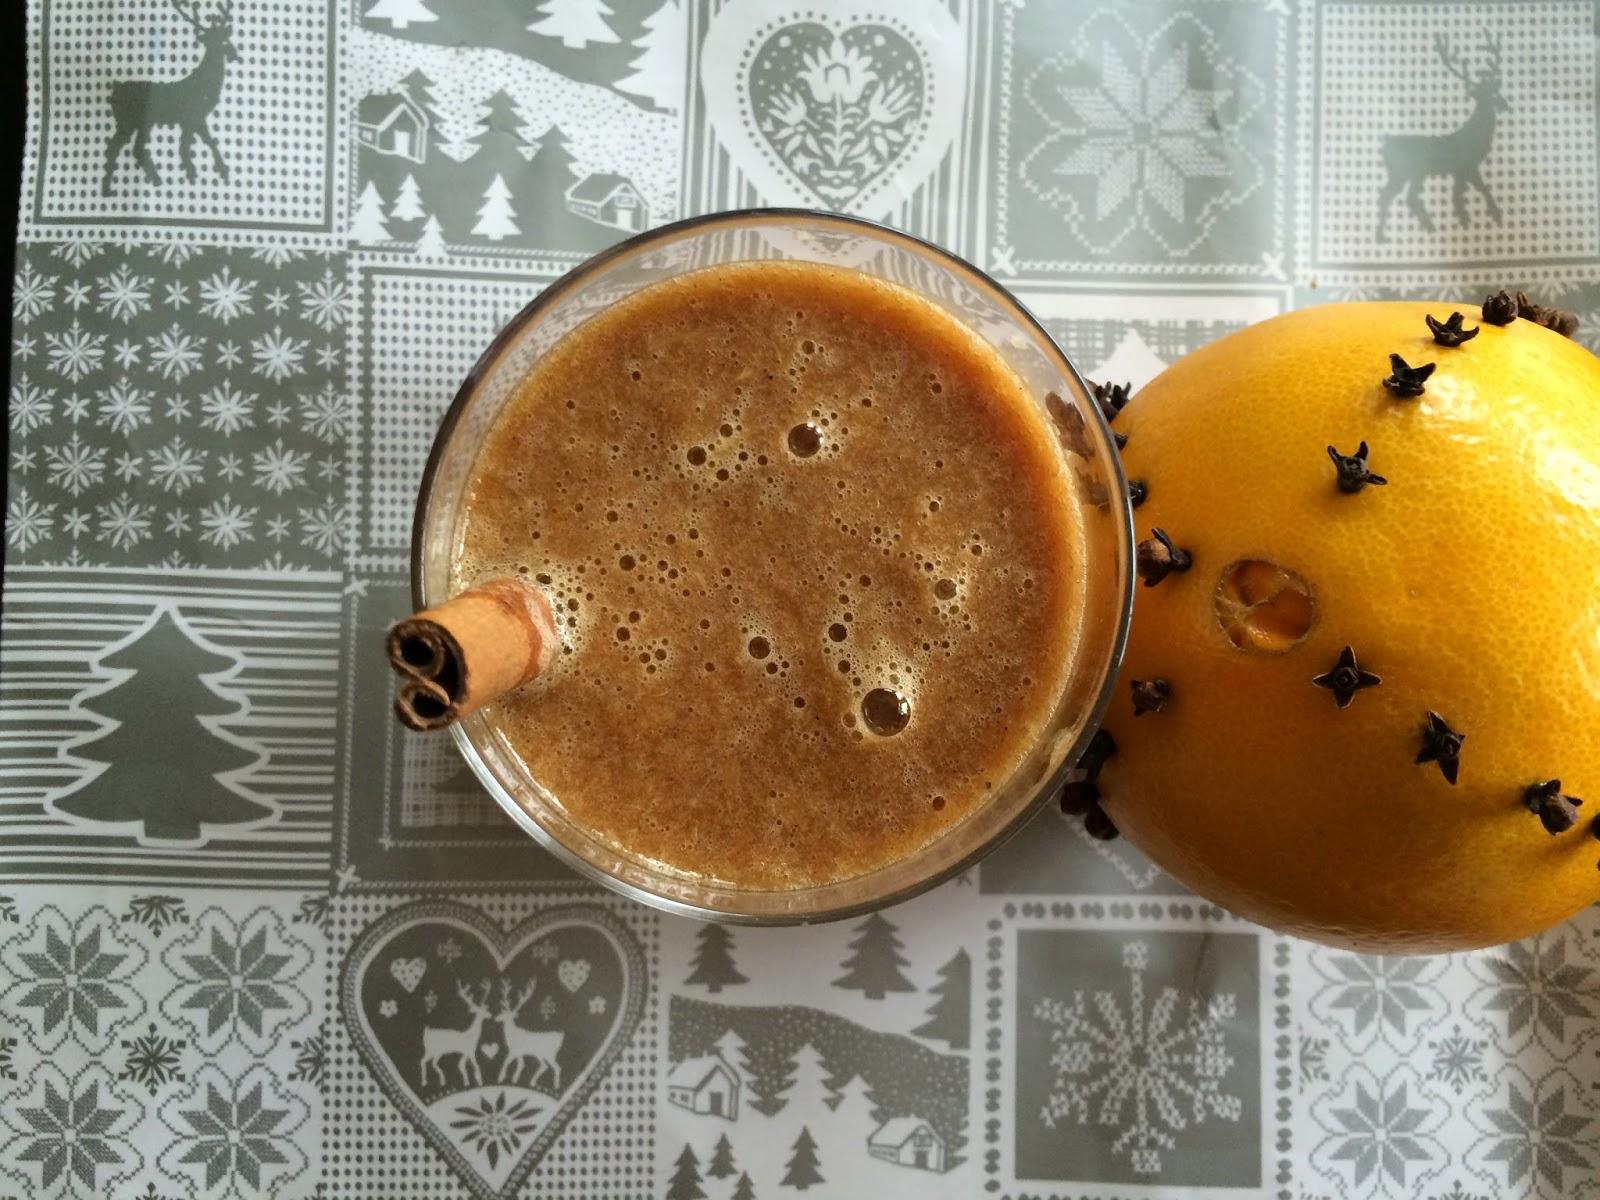 https://zielonekoktajle.blogspot.com/2014/11/amarantus-komosa-ryzowa-quinoa-banan.html